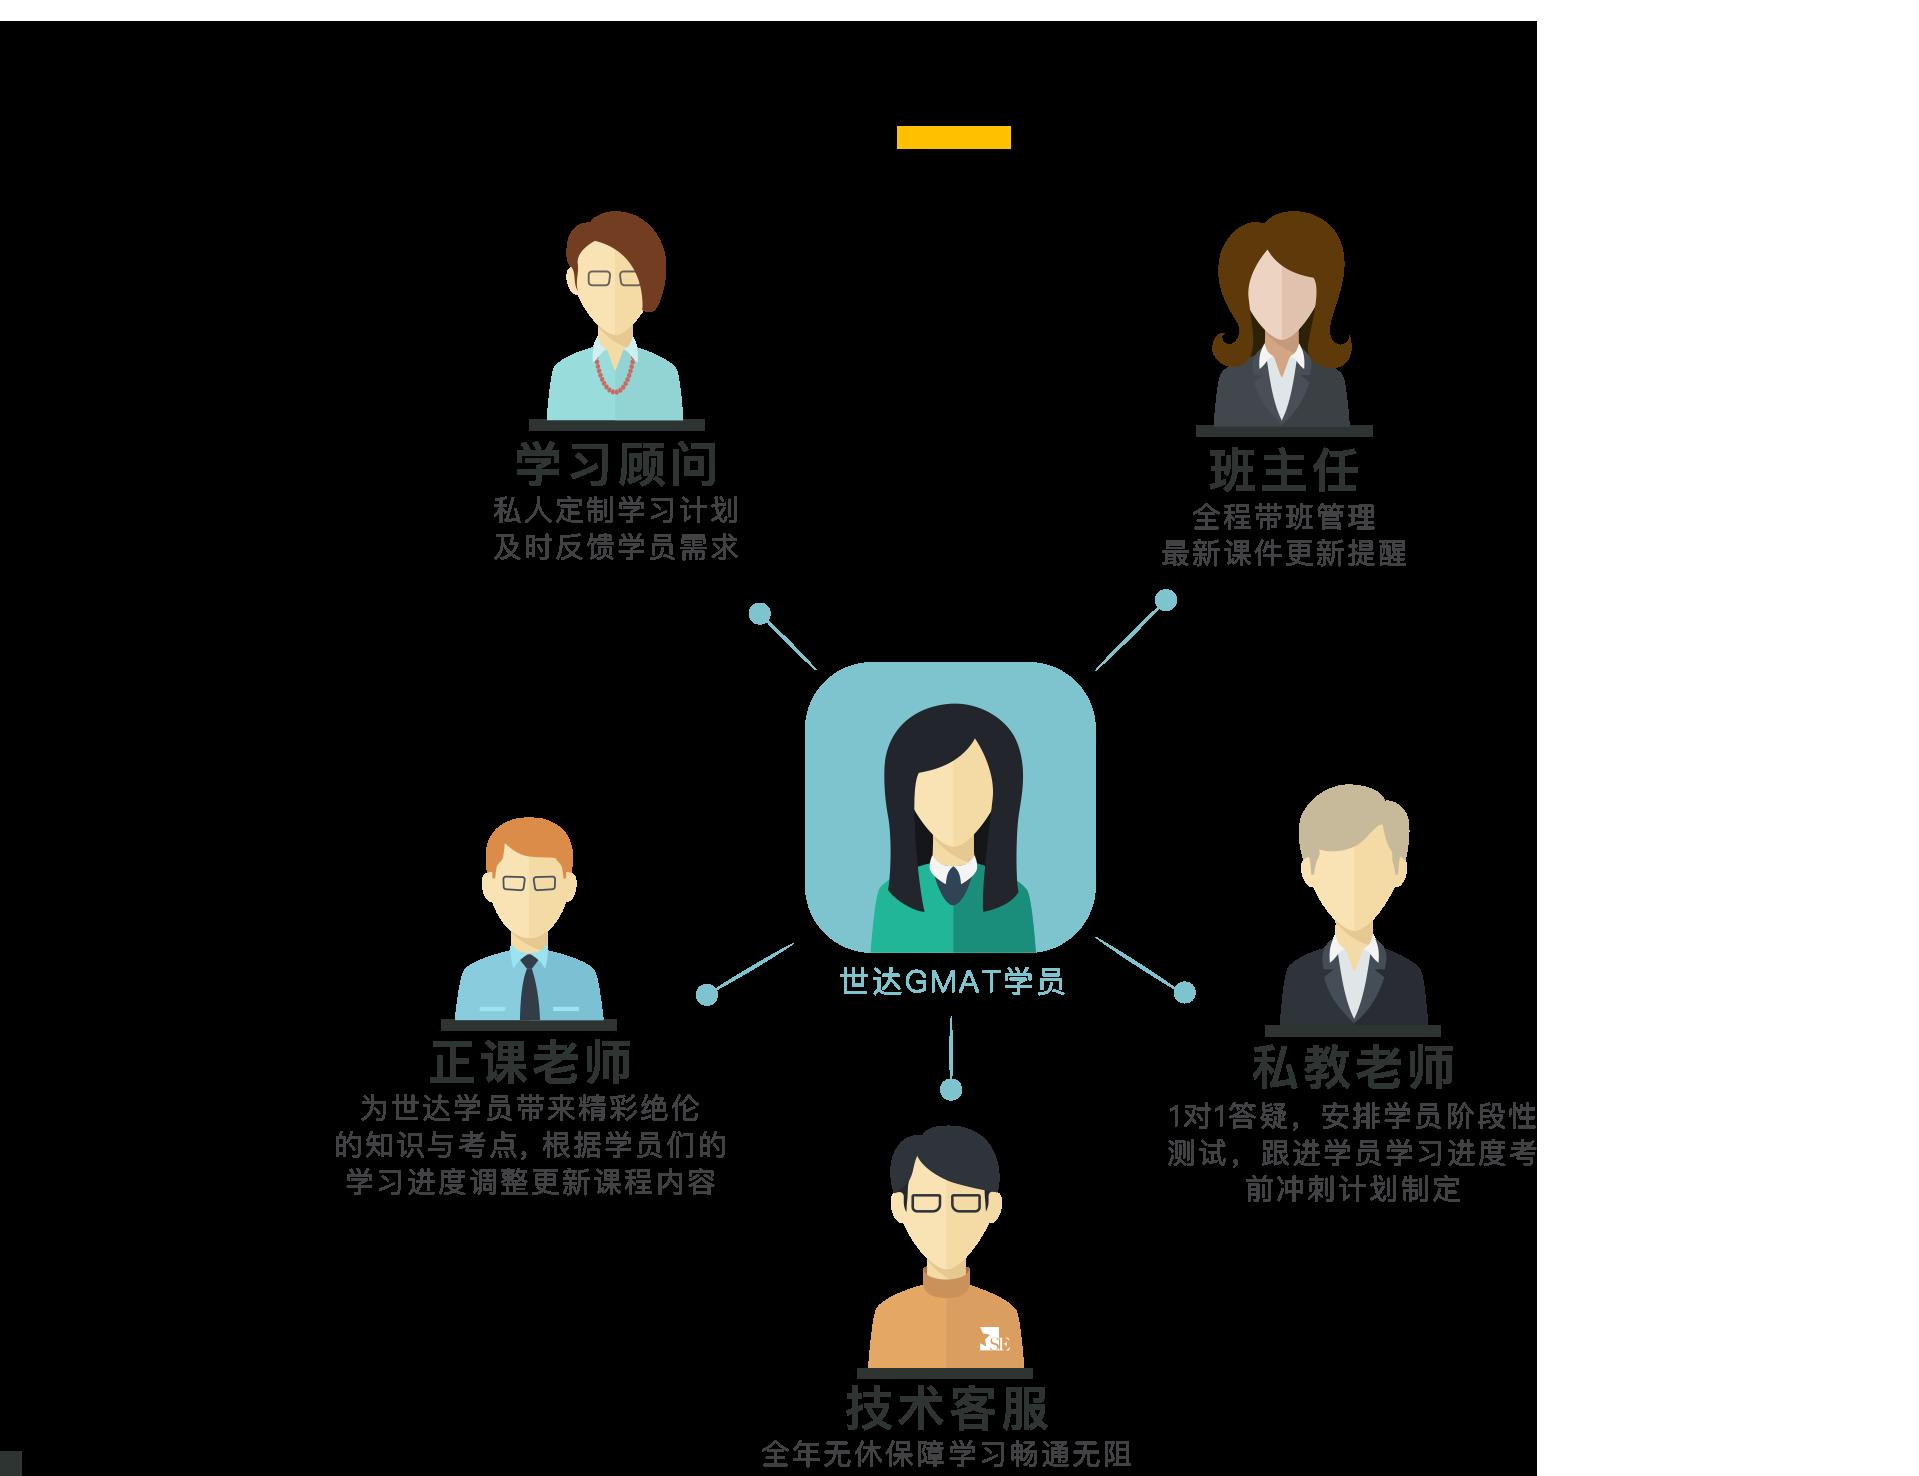 世达全程服务:正课老师 为世达学员带来精彩绝伦的知识与考点, 根据学员们的学习进度调整更新课程内容。私教老师 1对1答疑,安排学员阶段性测试,跟进学员学习进度考前冲刺计划制定。学习顾问 私人定制学习计划及时反馈学员需求,班主任 全程带班管理 最新课件更新提醒.